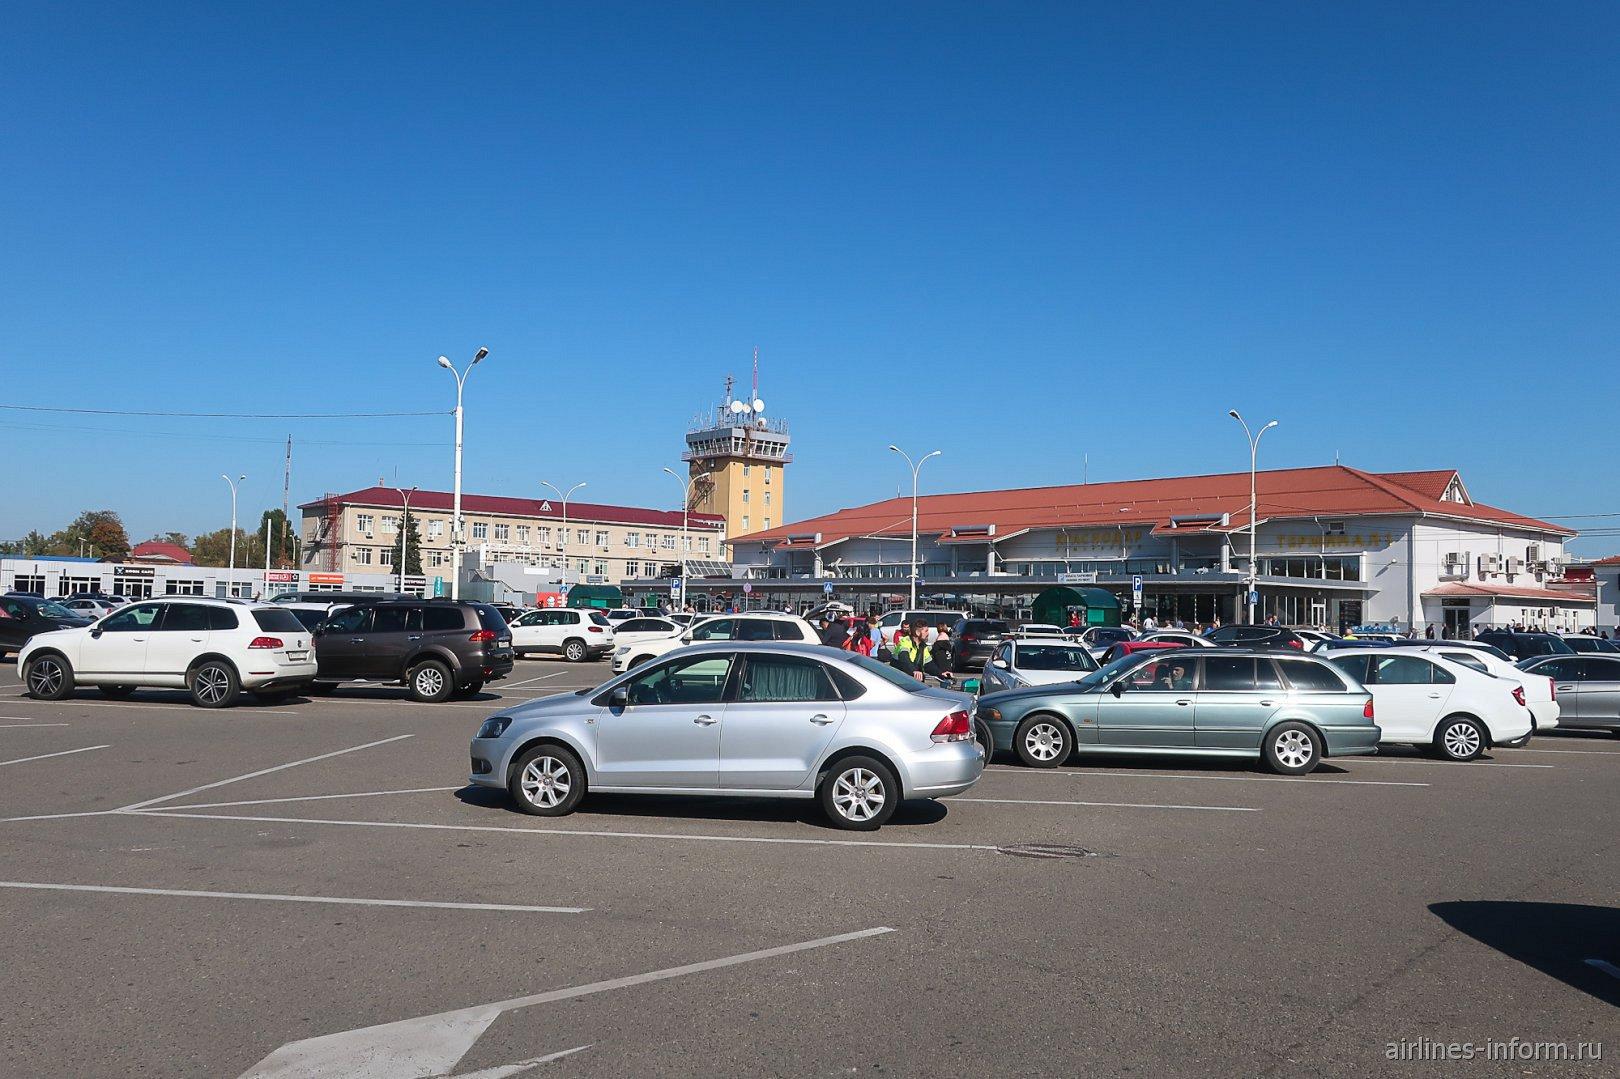 Привокзальная площадь аэропорта Краснодар Пашковский